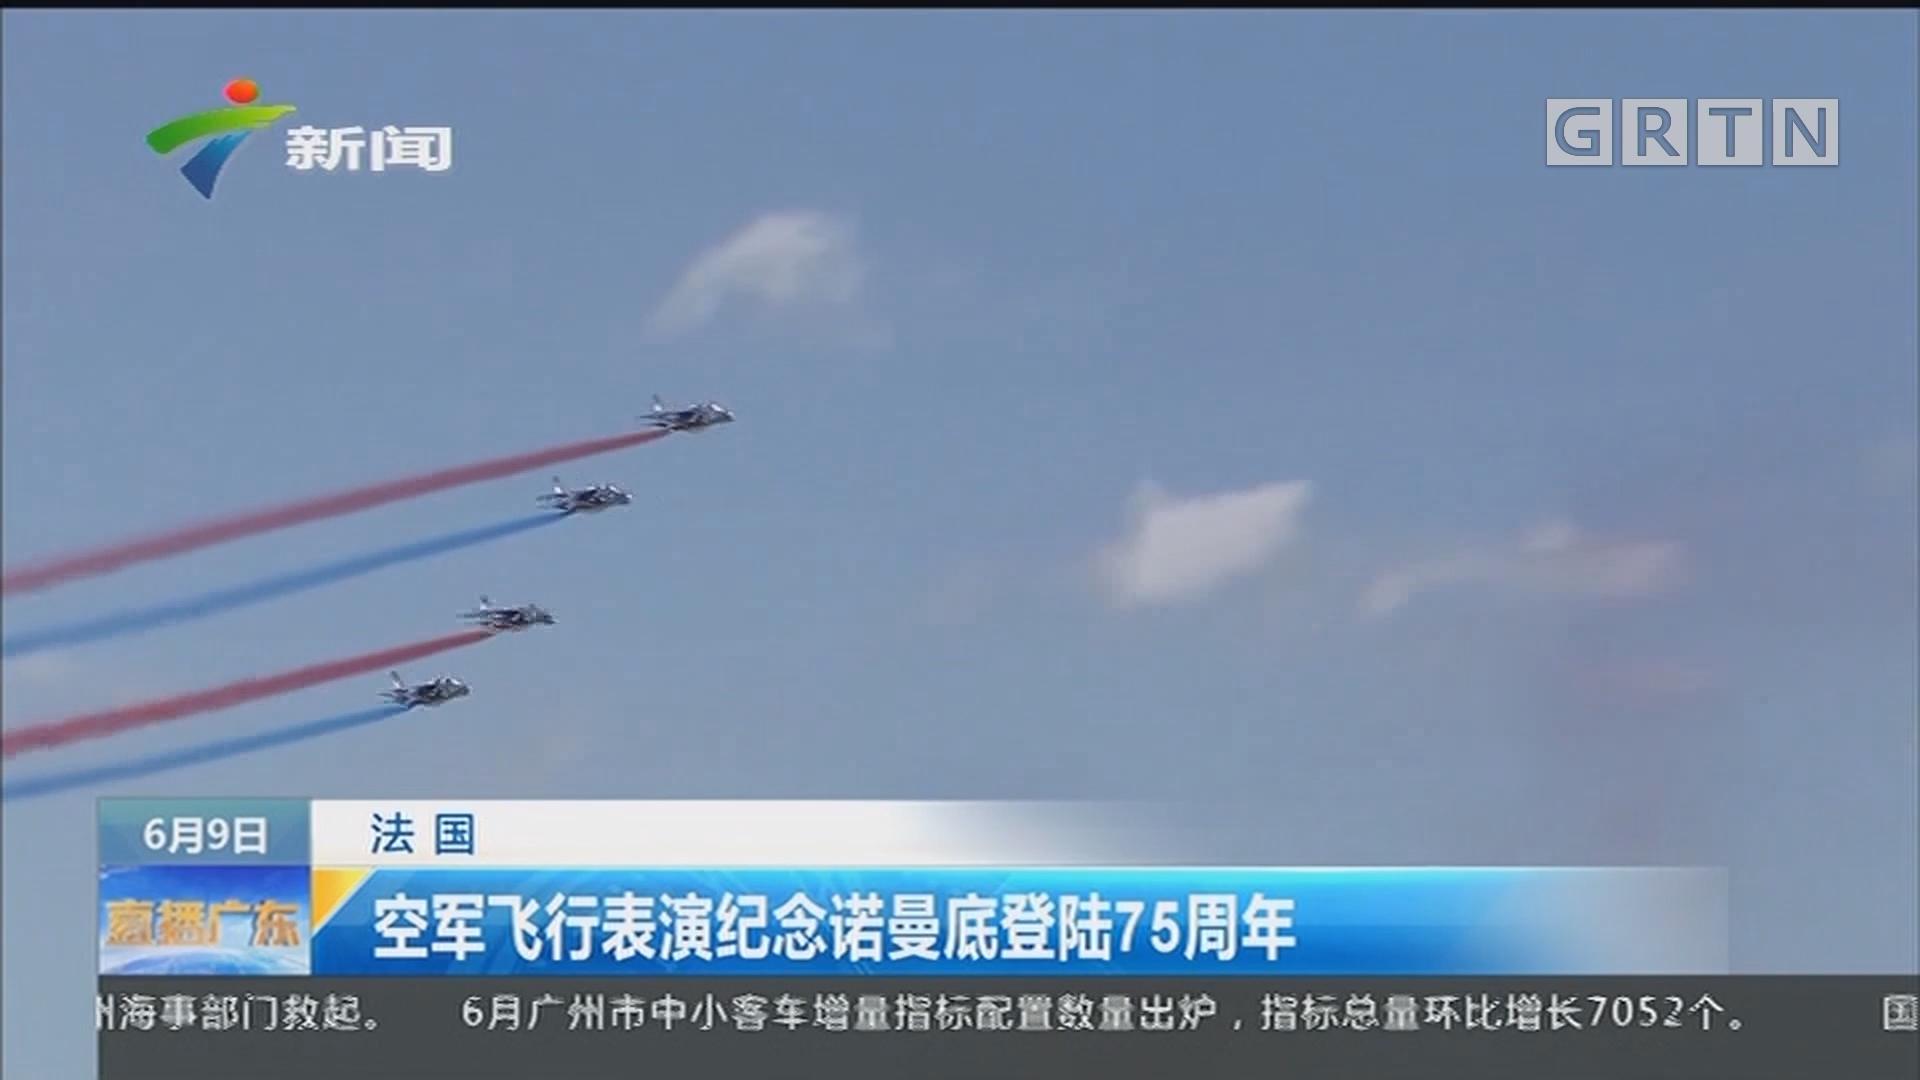 法国:空军飞行表演纪念诺曼底登陆75周年